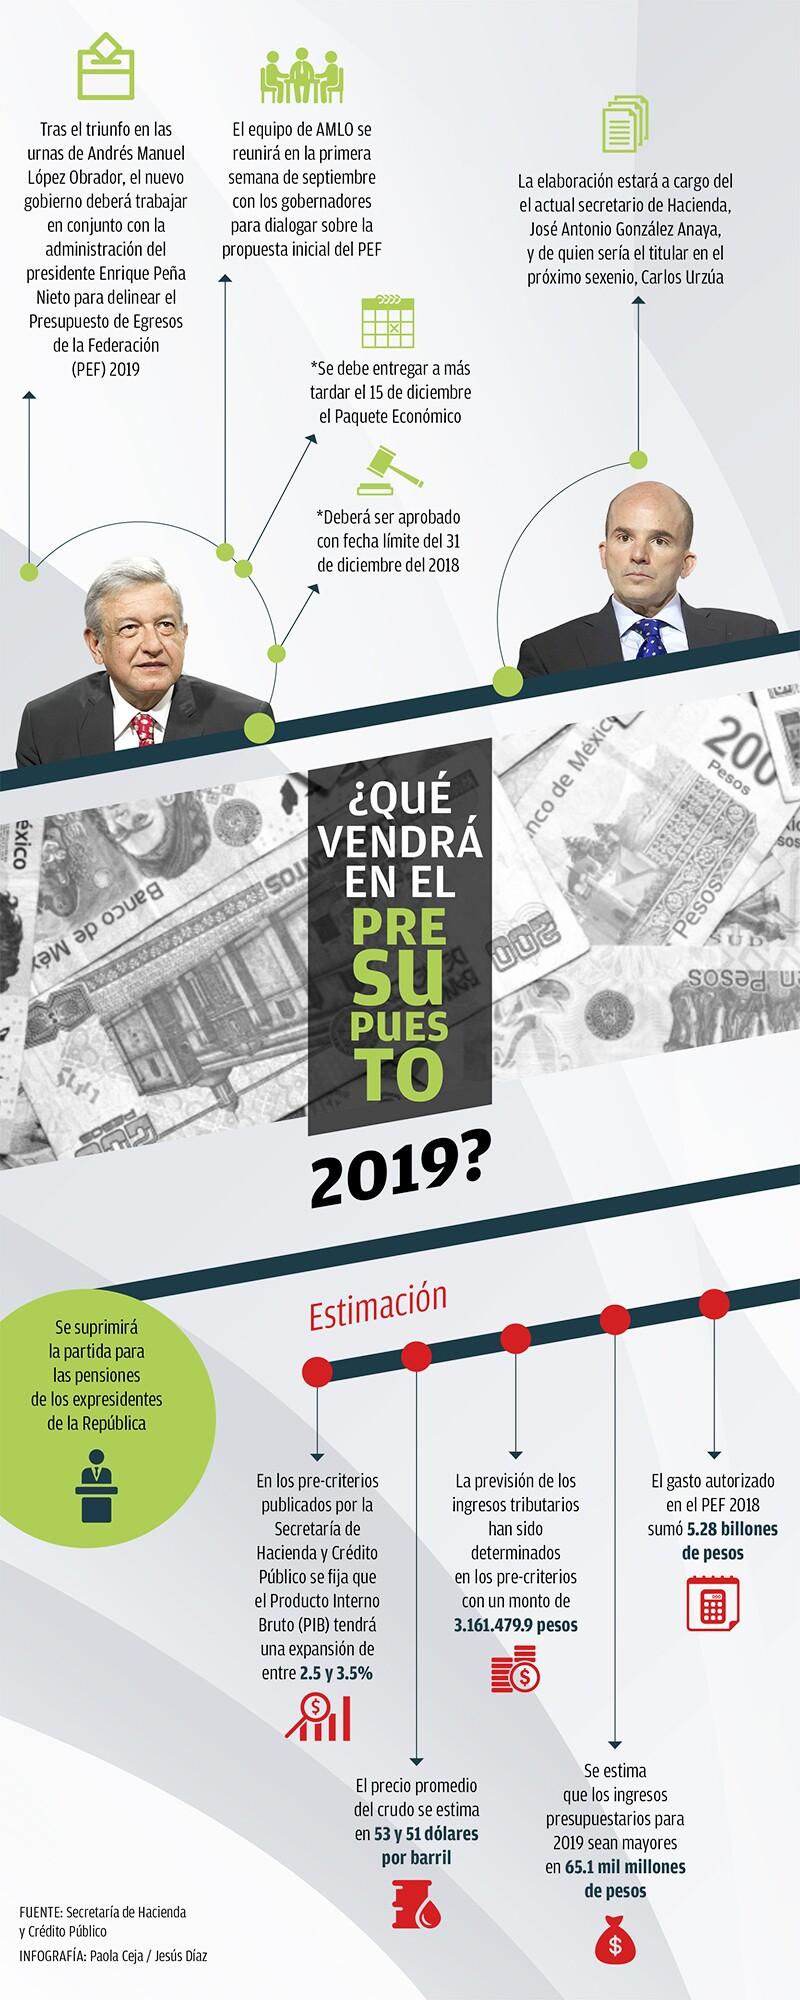 El nuevo gobierno realizará el Presupuesto de la Federación en conjunto con la actual administración.